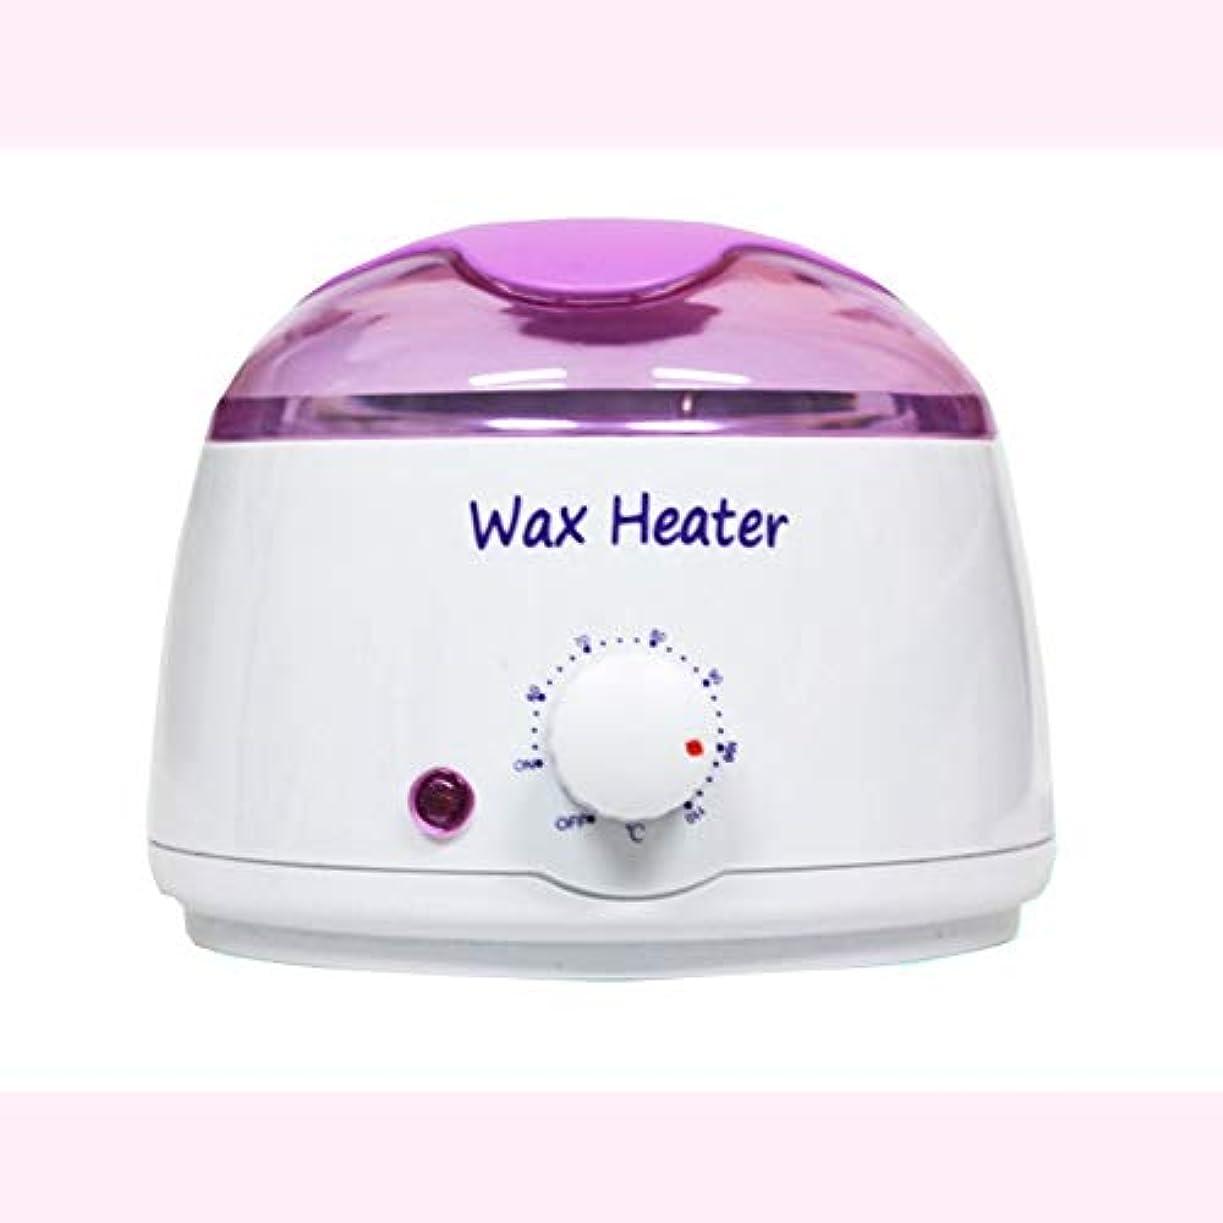 広くアンドリューハリディ見通し専門の電気ワックスのウォーマーおよびヒーター、女性/人のための毛の取り外しの家のワックスのためのワックスのメルターは小型多機能のワックス機械を熱します